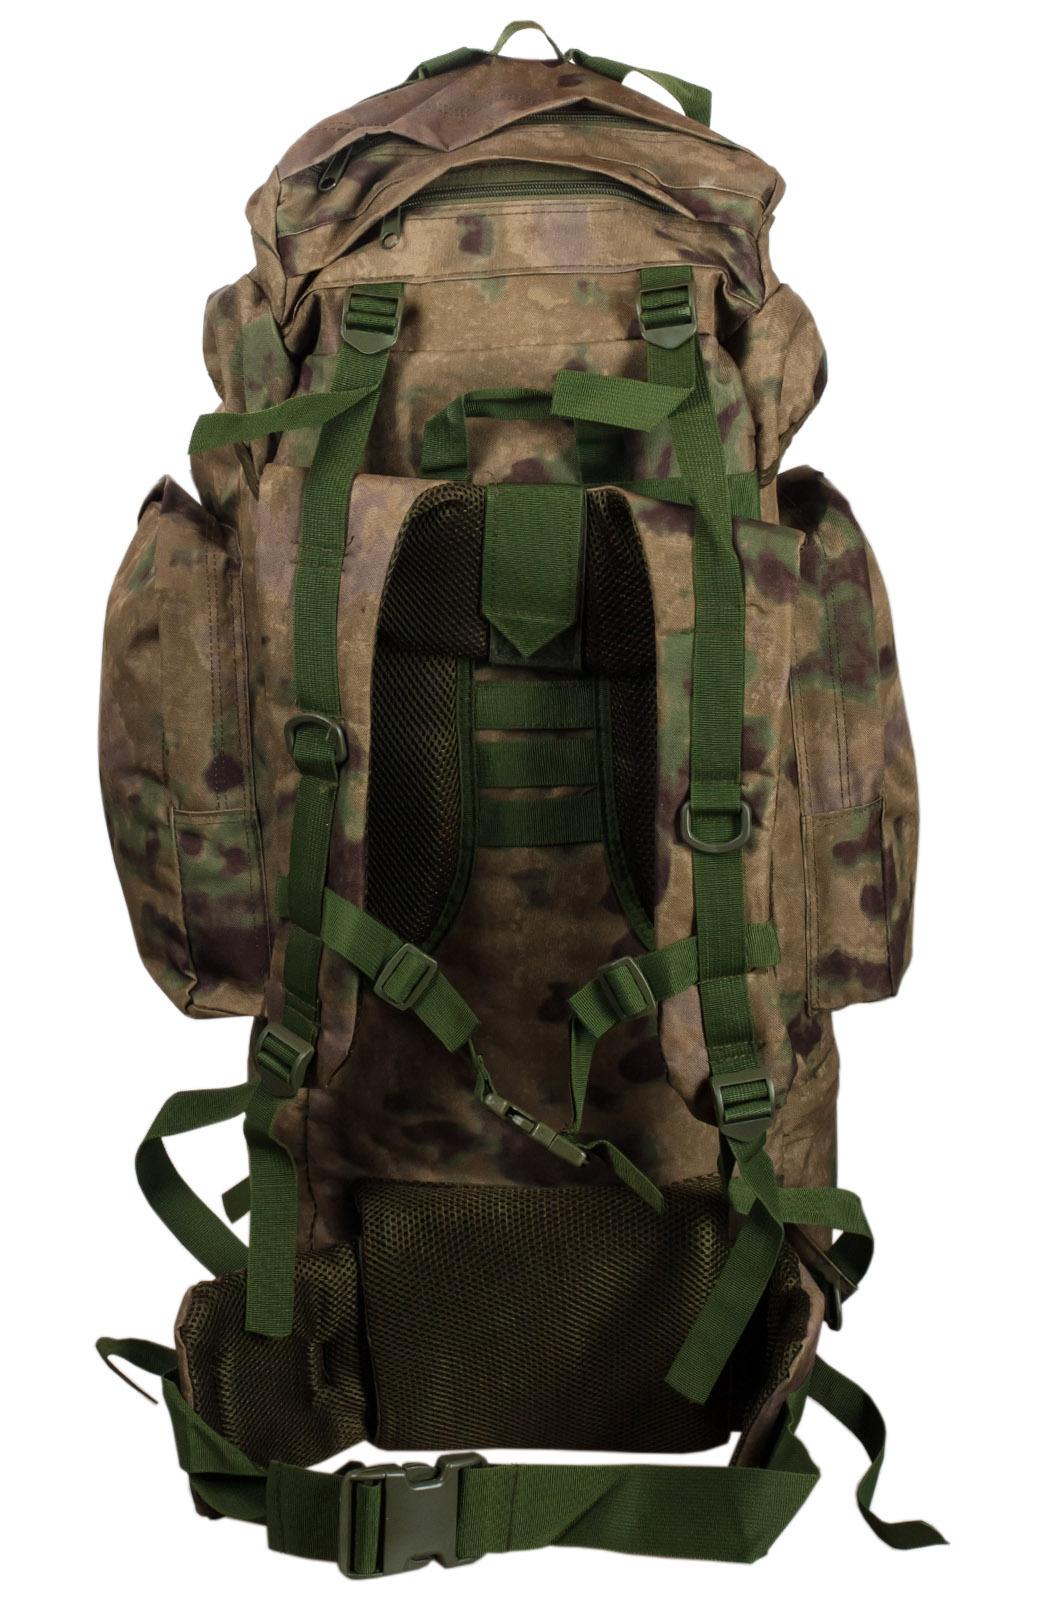 Армейский камуфляжный ранец-рюкзак СПЕЦНАЗ - заказать с доставкой